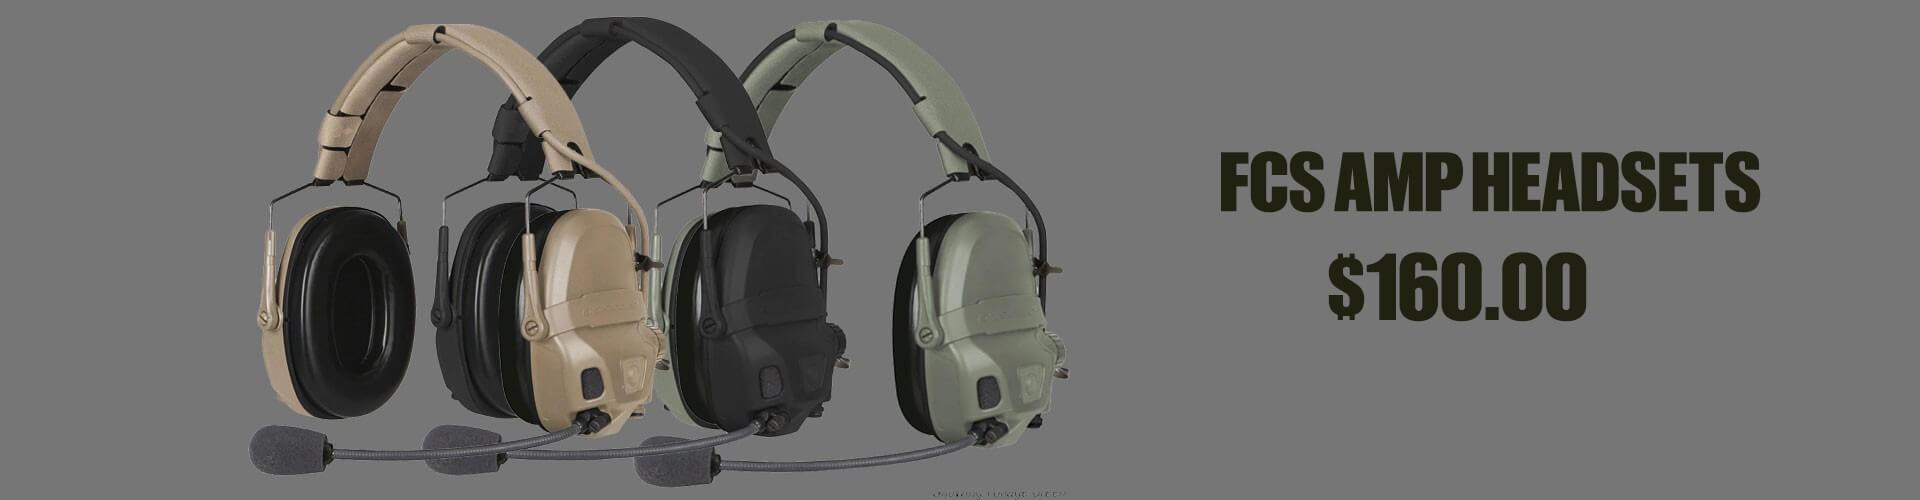 FCS AMP Headsets